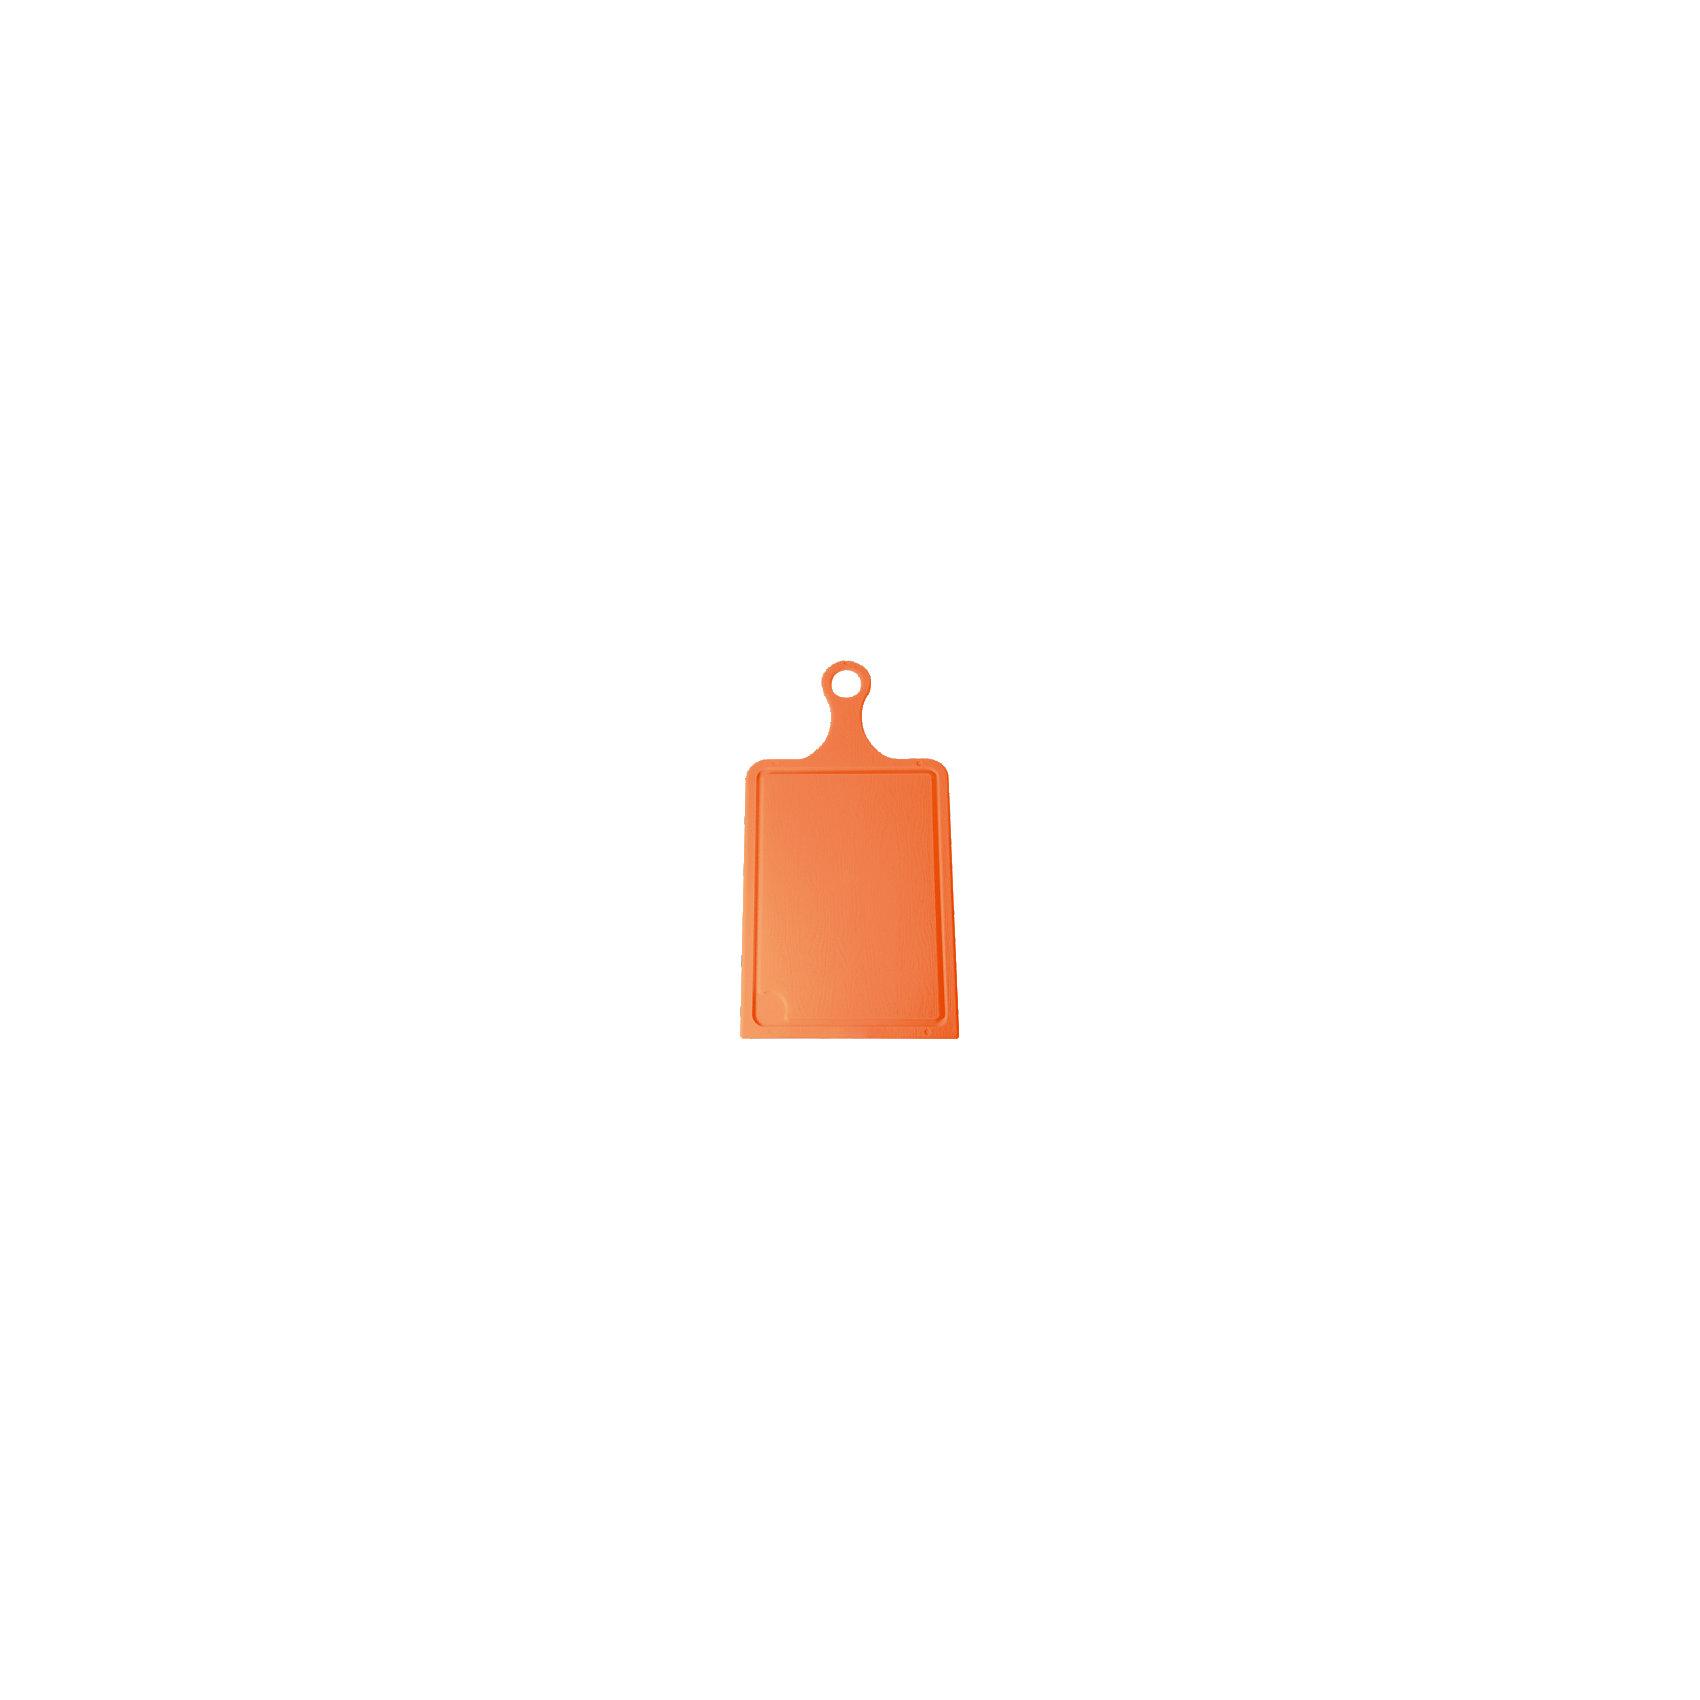 Доска разделочная №2, Plastic CentreПосуда<br>Разделочная доска может применяться для различных видов продуктов. Каждая доска снабжена желобком для стока жидкости для удобства применения. Доска не впитывает запахи, устойчива к воздействию ножом, благодаря чему изделие более долговечно. На кухне рекомендовано иметь несколько досок для различных видов продуктов: мяса, рыбы, хлеба и овощей.<br><br>Ширина мм: 430<br>Глубина мм: 220<br>Высота мм: 6<br>Вес г: 359<br>Возраст от месяцев: 216<br>Возраст до месяцев: 1188<br>Пол: Унисекс<br>Возраст: Детский<br>SKU: 5545670